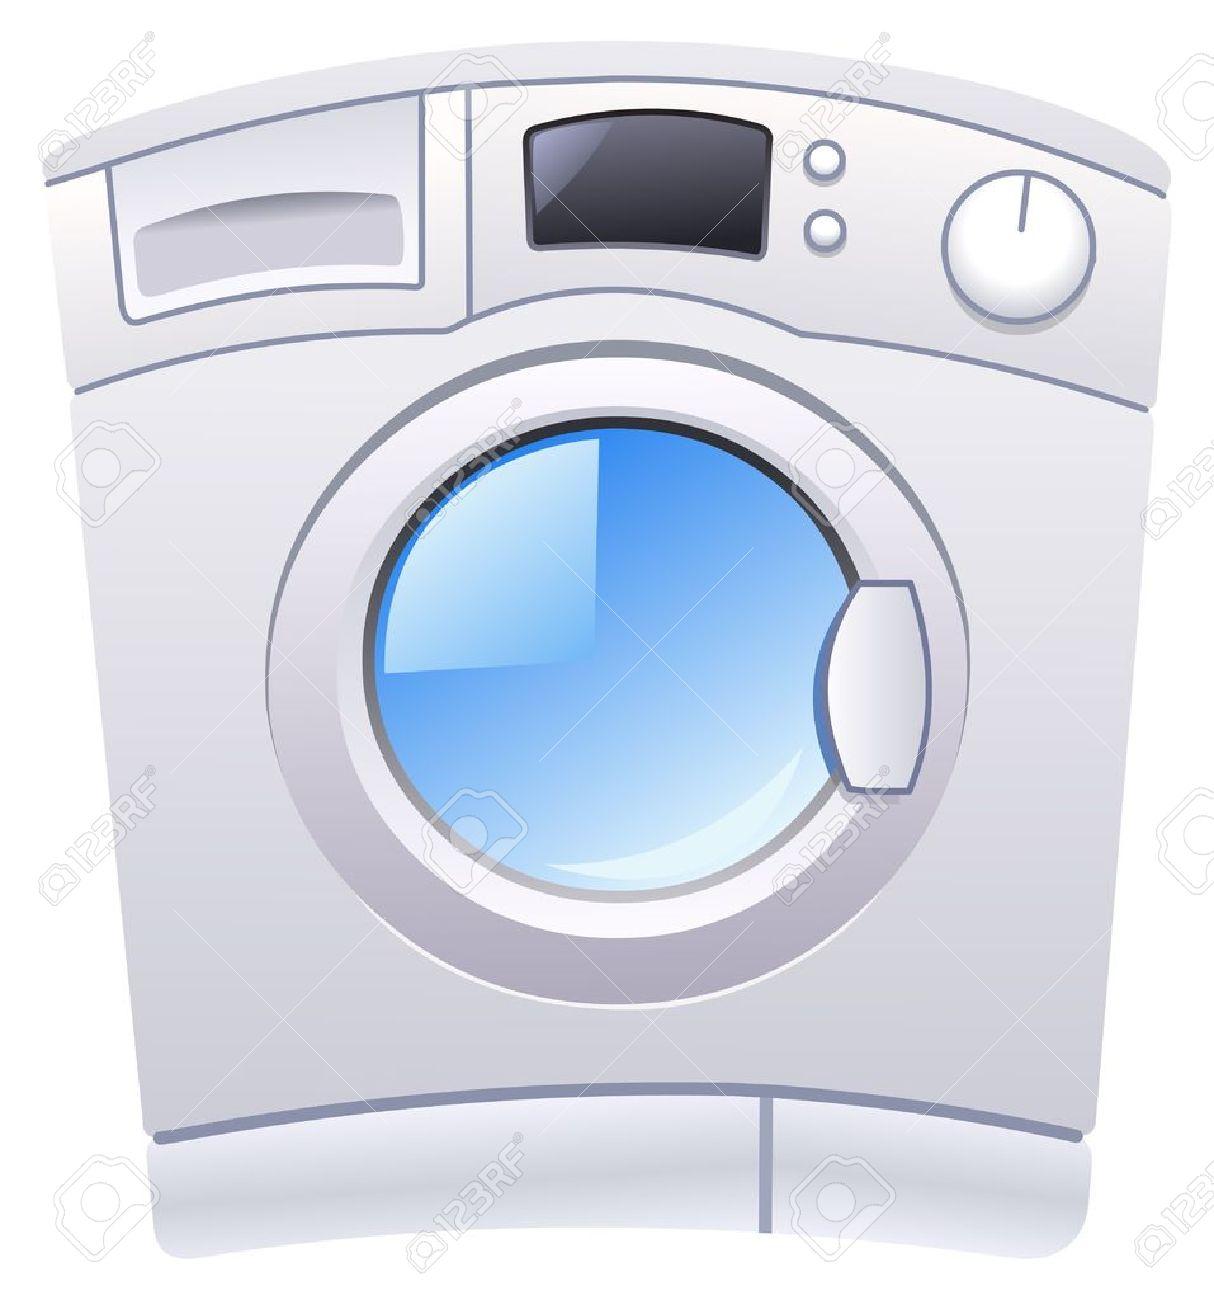 Waschmaschine clipart  Waschmaschine Lizenzfrei Nutzbare Vektorgrafiken, Clip Arts ...